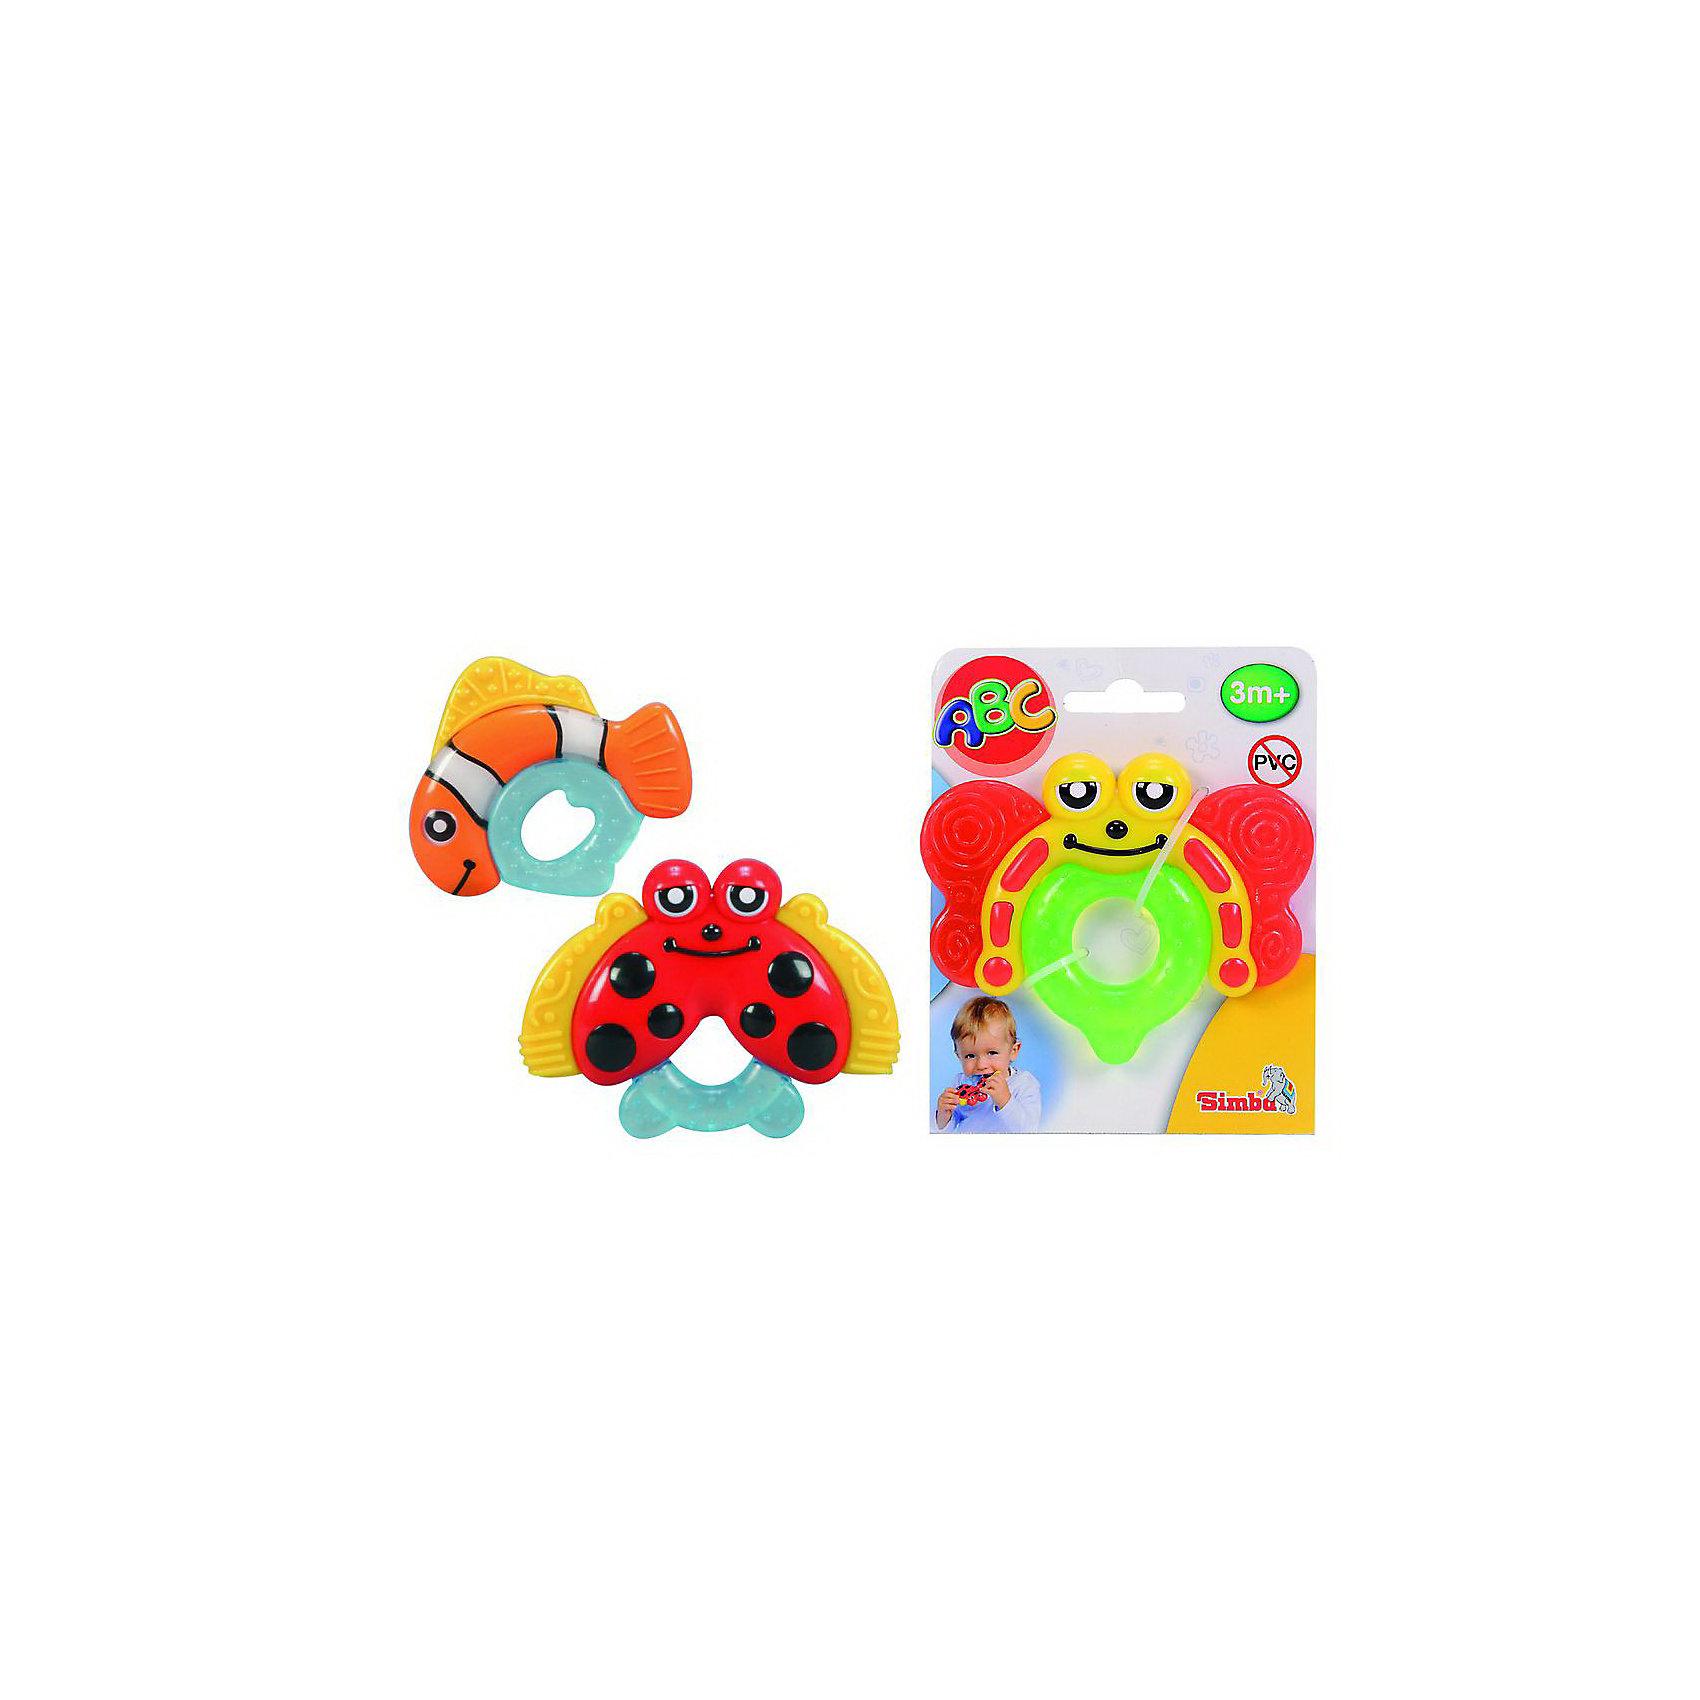 Simba ПрорезывательИгрушки для малышей<br>Забавные игрушки-прорезыватели в трех различных вариантах: в виде божьей коровки, бабочки и рыбки. Прозрачные каучуковые детали заполнены гелем и оказывают успокаивающее действие на десны ребенка. Охлаждать исключительно в холодильнике, не в морозилке. Не содержат ПВХ. <br><br>Дополнительная информация:<br><br>- Материал: пластмасса, каучук<br>- Размер:  10 см.<br>- Размер Упаковки: 12х1,5х15 см.<br>- Вес: 70 гр.<br><br>ВНИМАНИЕ! Данный артикул имеется в наличии в разных вариантах исполнения. Заранее выбрать определенный вариант нельзя. При заказе нескольких прорезывателей возможно получение одинаковых.<br><br>Игрушки-прорезыватели можно купить в нашем магазине.<br><br>Ширина мм: 120<br>Глубина мм: 20<br>Высота мм: 150<br>Вес г: 68<br>Возраст от месяцев: 3<br>Возраст до месяцев: 24<br>Пол: Унисекс<br>Возраст: Детский<br>SKU: 2149354